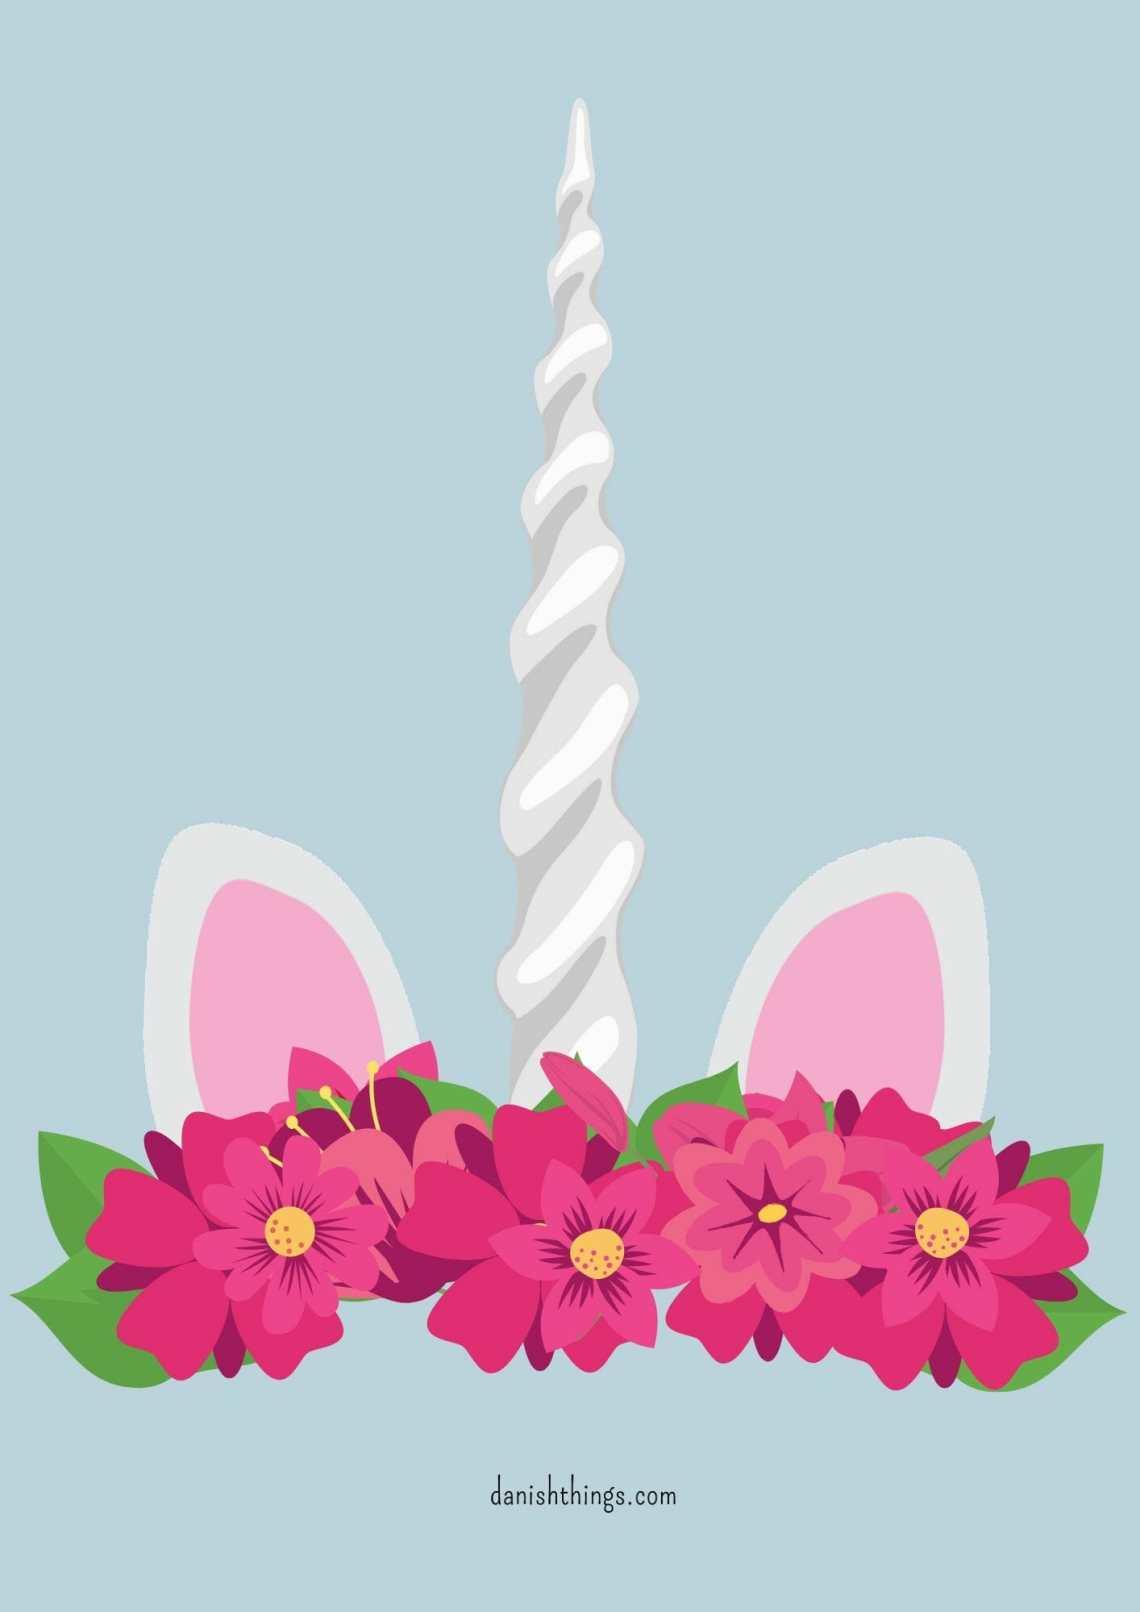 Enhjørning - udklædning eller dekoration. Unicorn - costume or decoration. Danish Things @ danishthings.com #enhjørning #udklædning #plakat #dekoration #kort #fastelavn #halloween #costume #poster #decoration #card